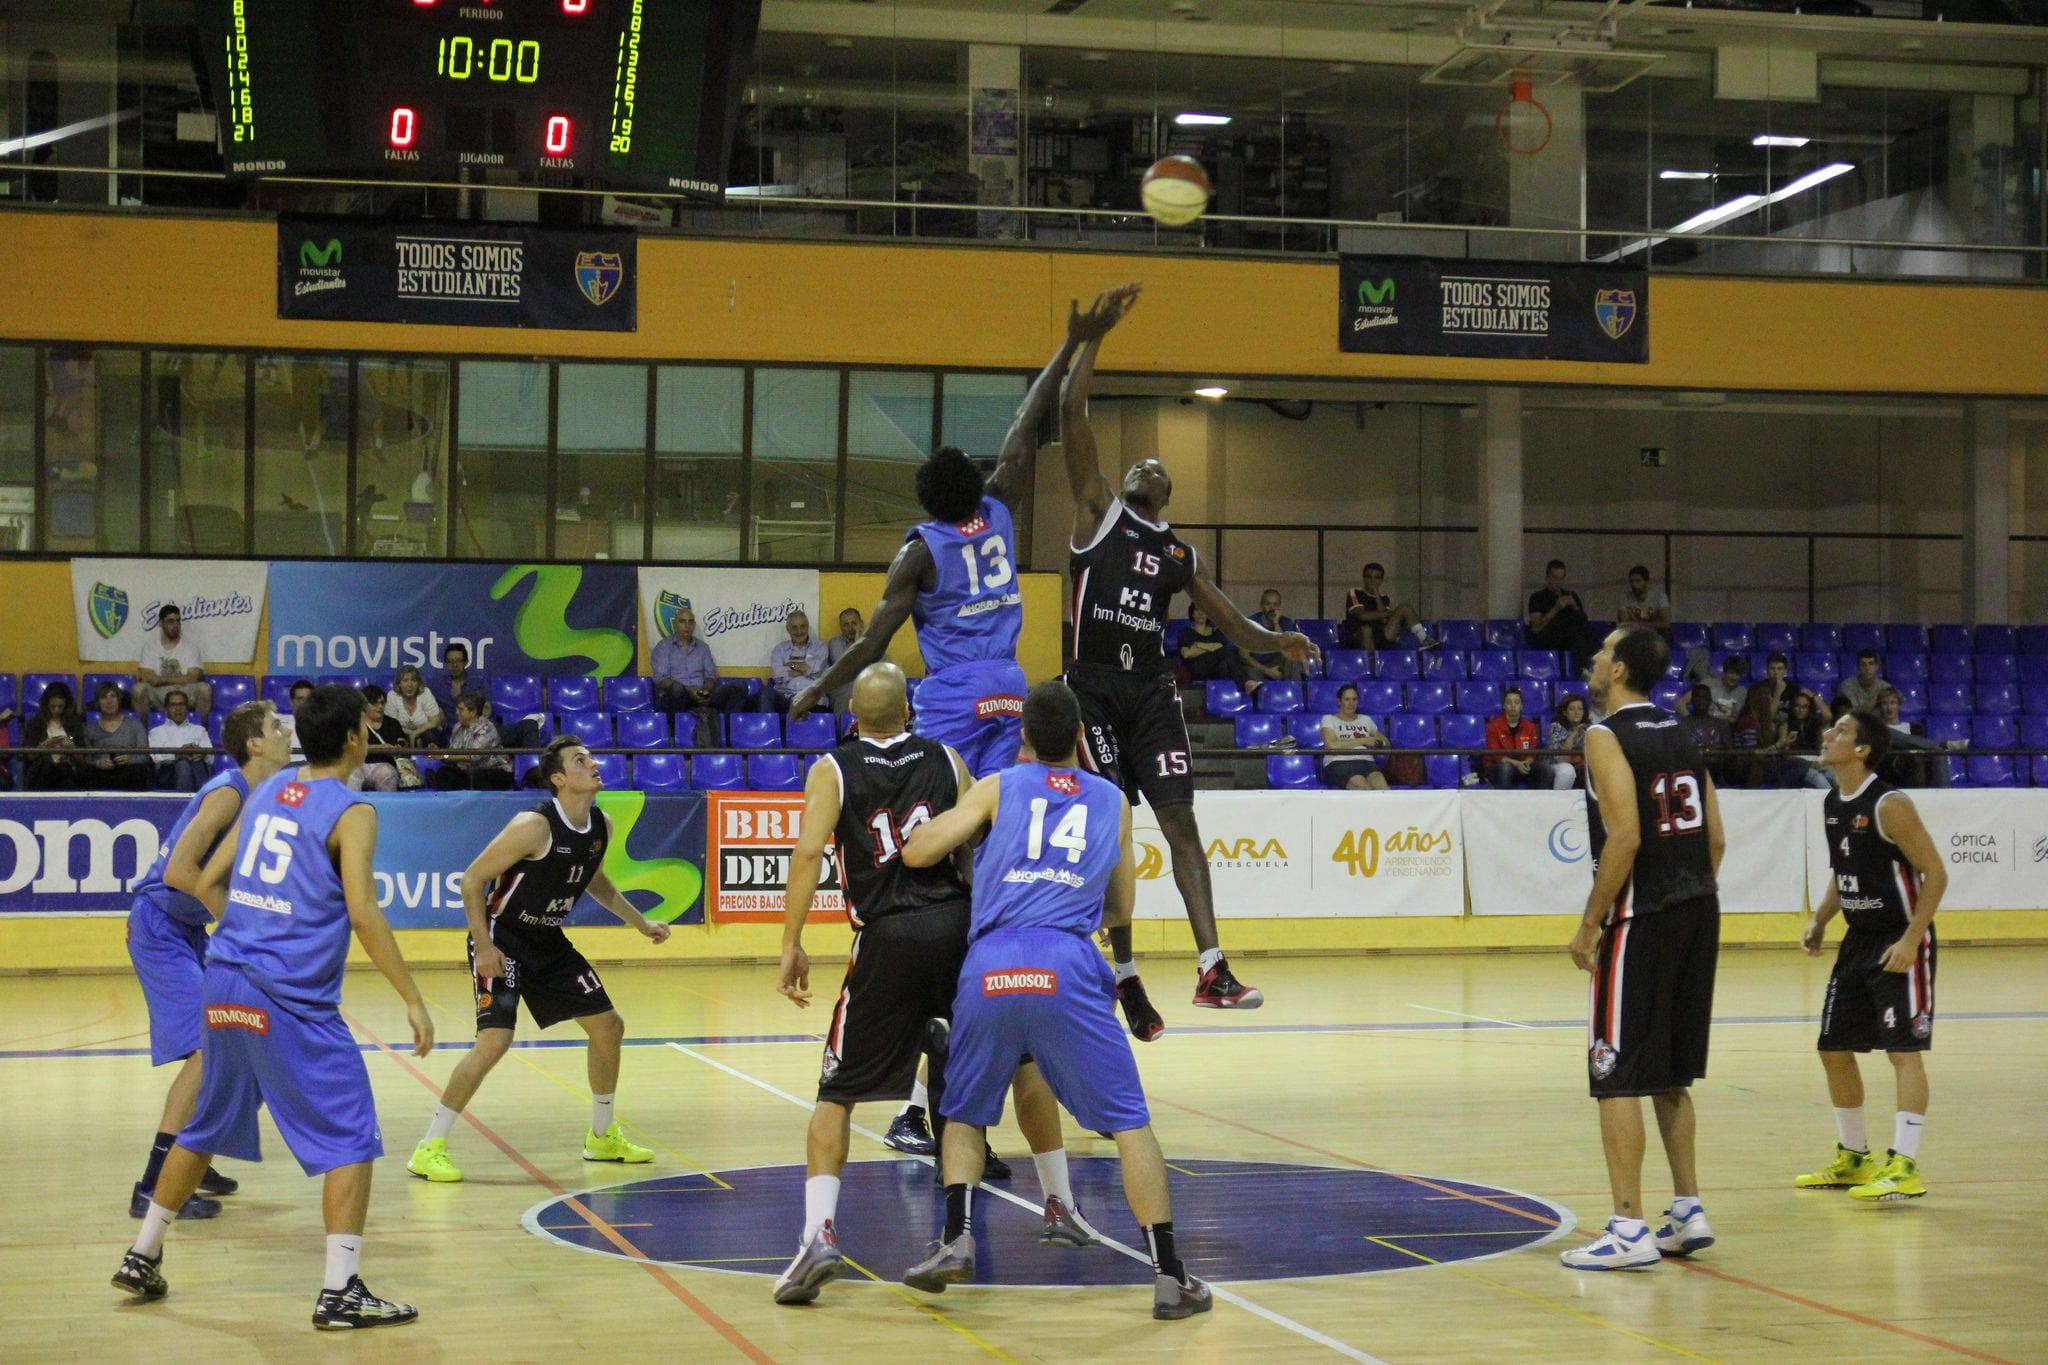 EBA: Viene una tarde de sábado de reencuentros, basket e intensidad (Magariños, 20:30h)